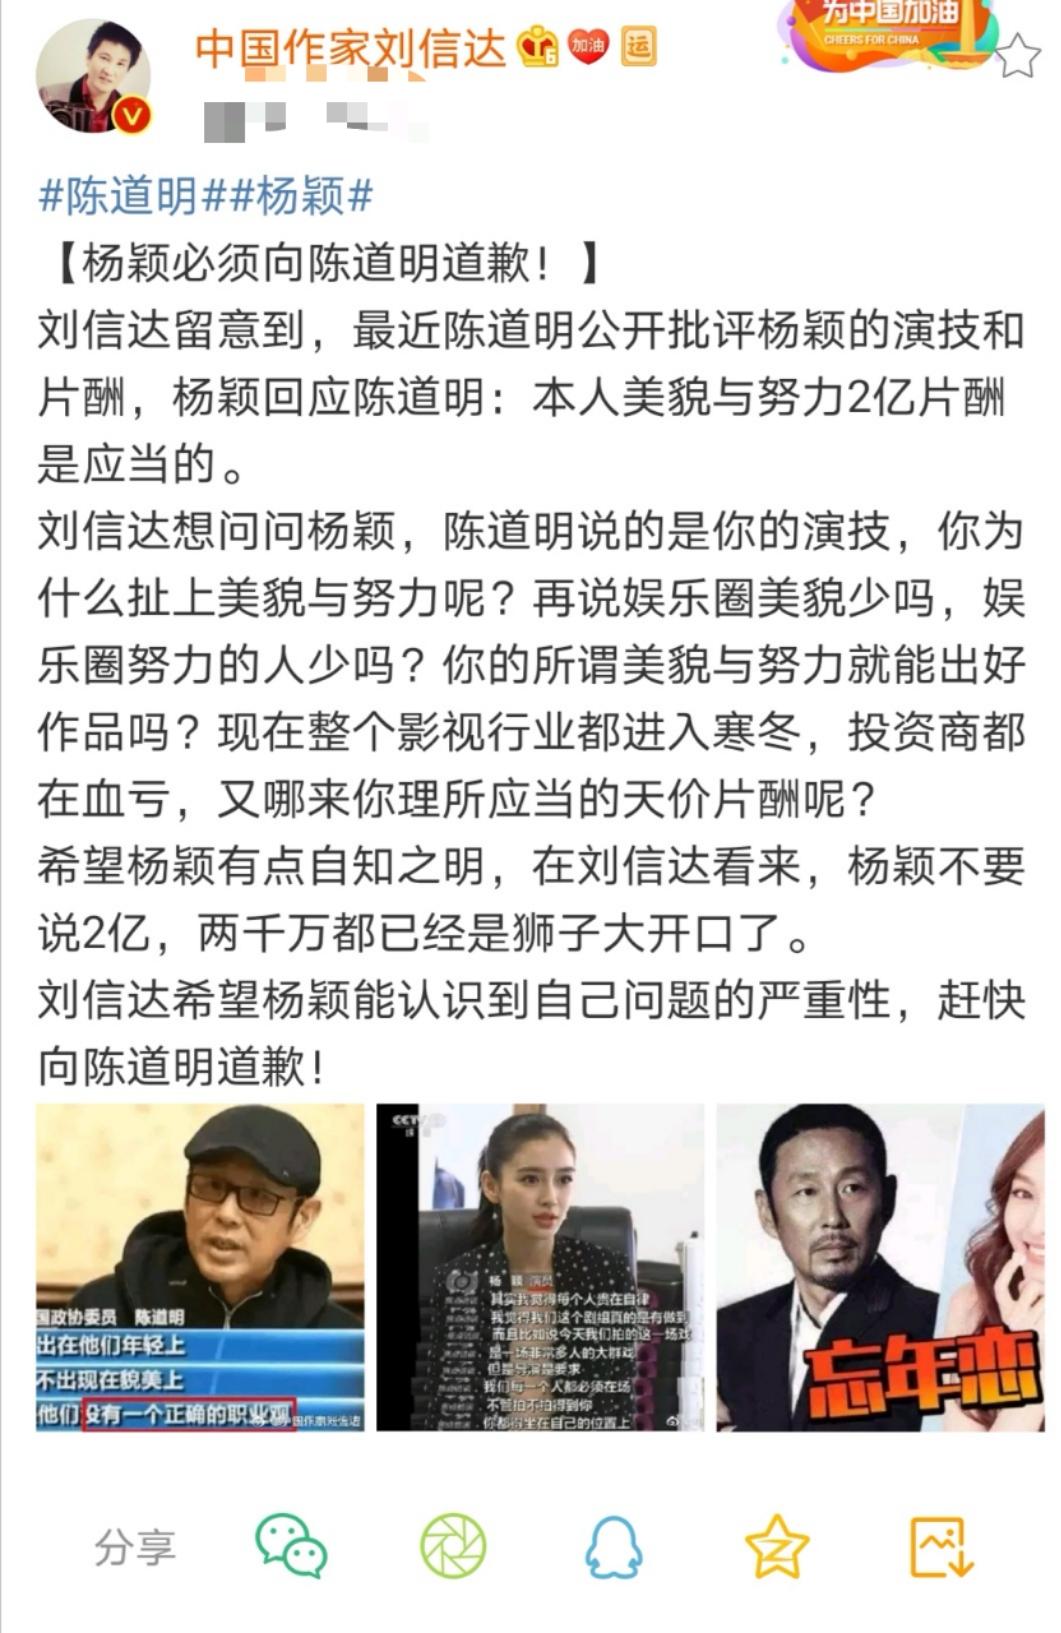 著名导演批评Angela Baby:给陈道明道歉,马上退出娱乐圈